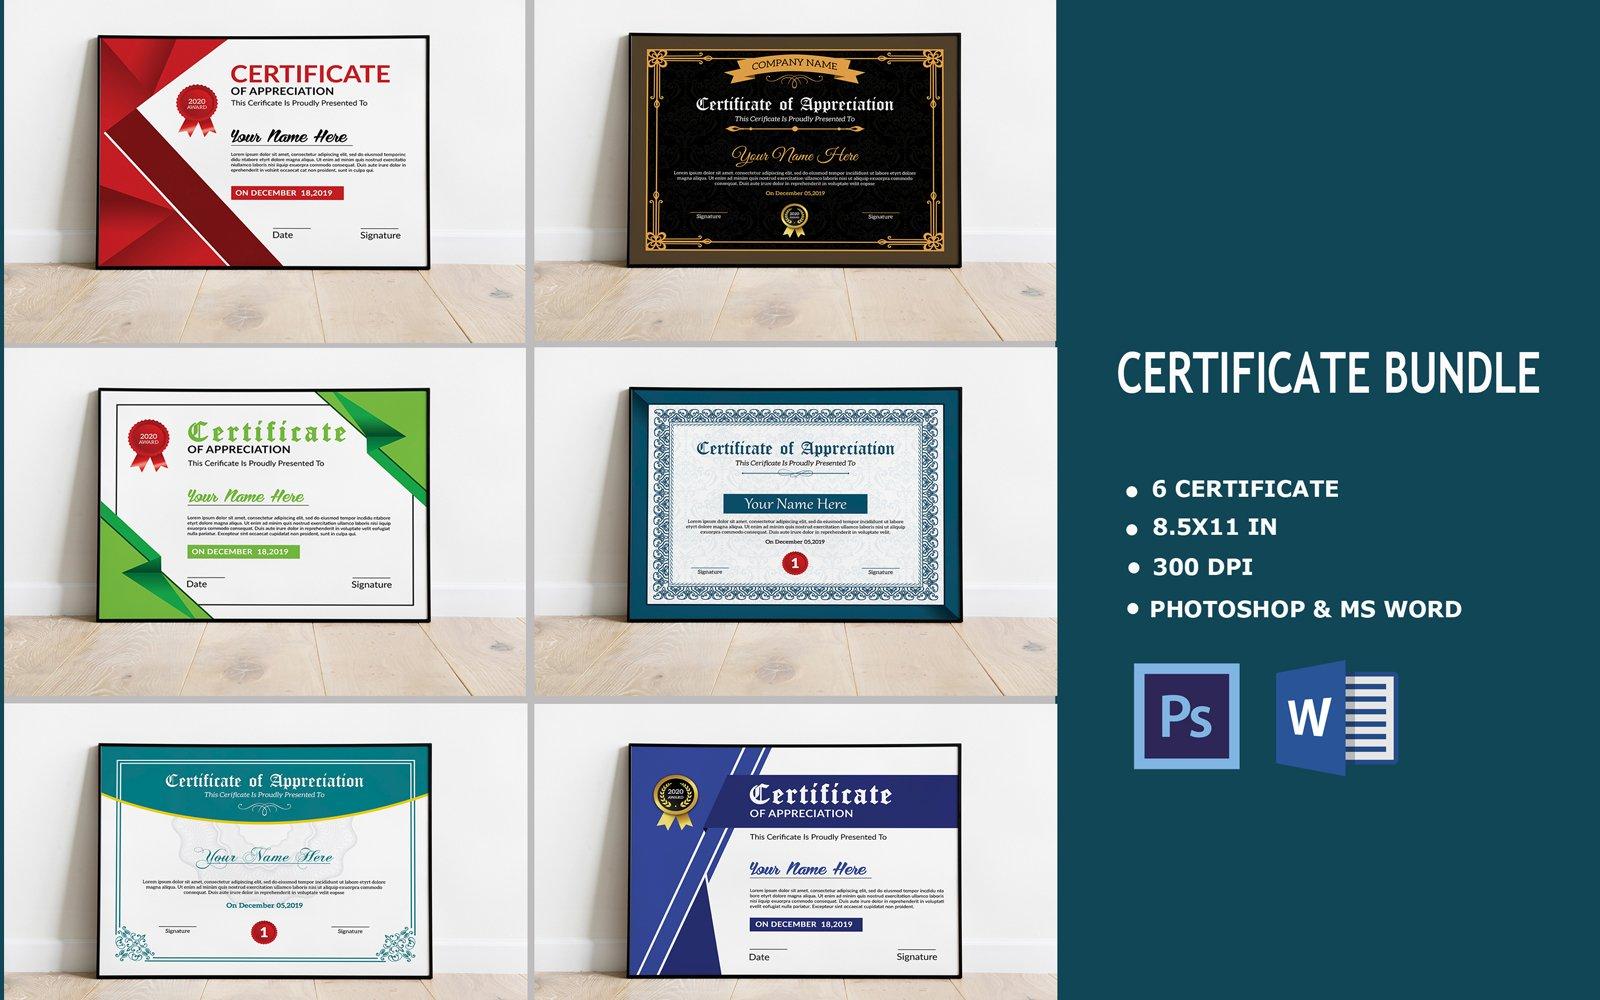 6 Bundle Certificate Template